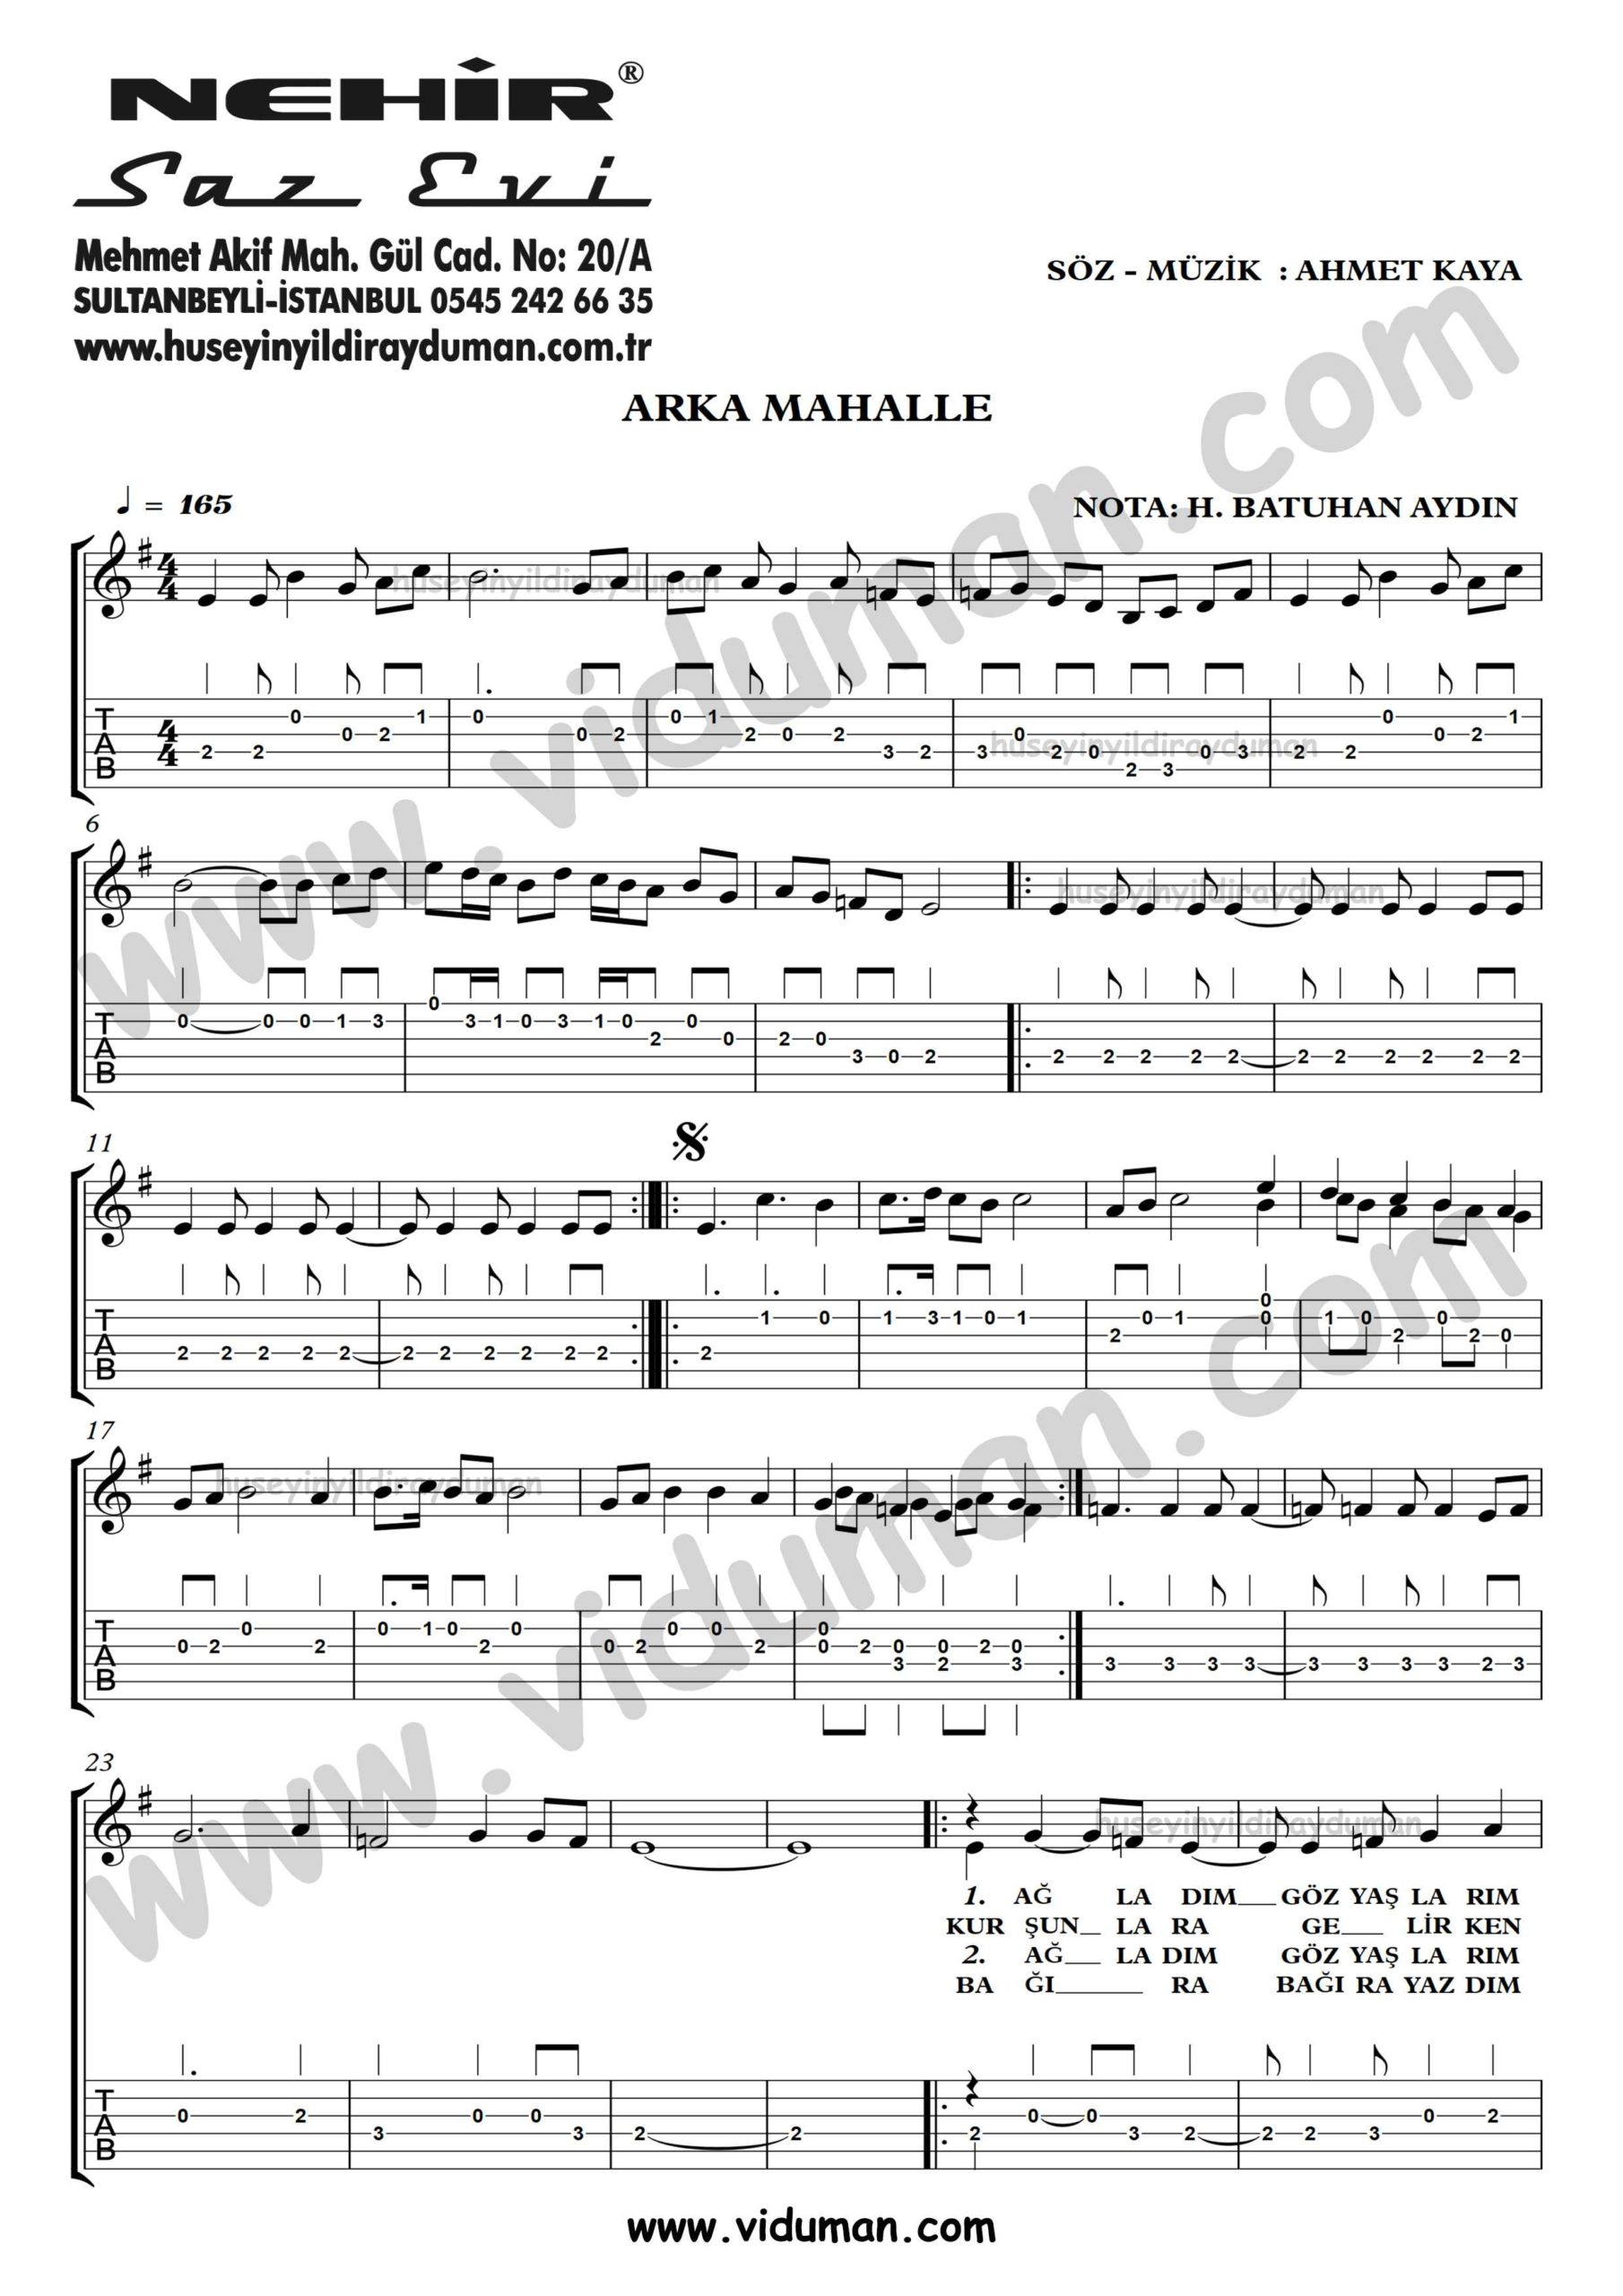 Arka Mahalle_1-Ahmet Kaya-Gitar Tab-Solo Notalari